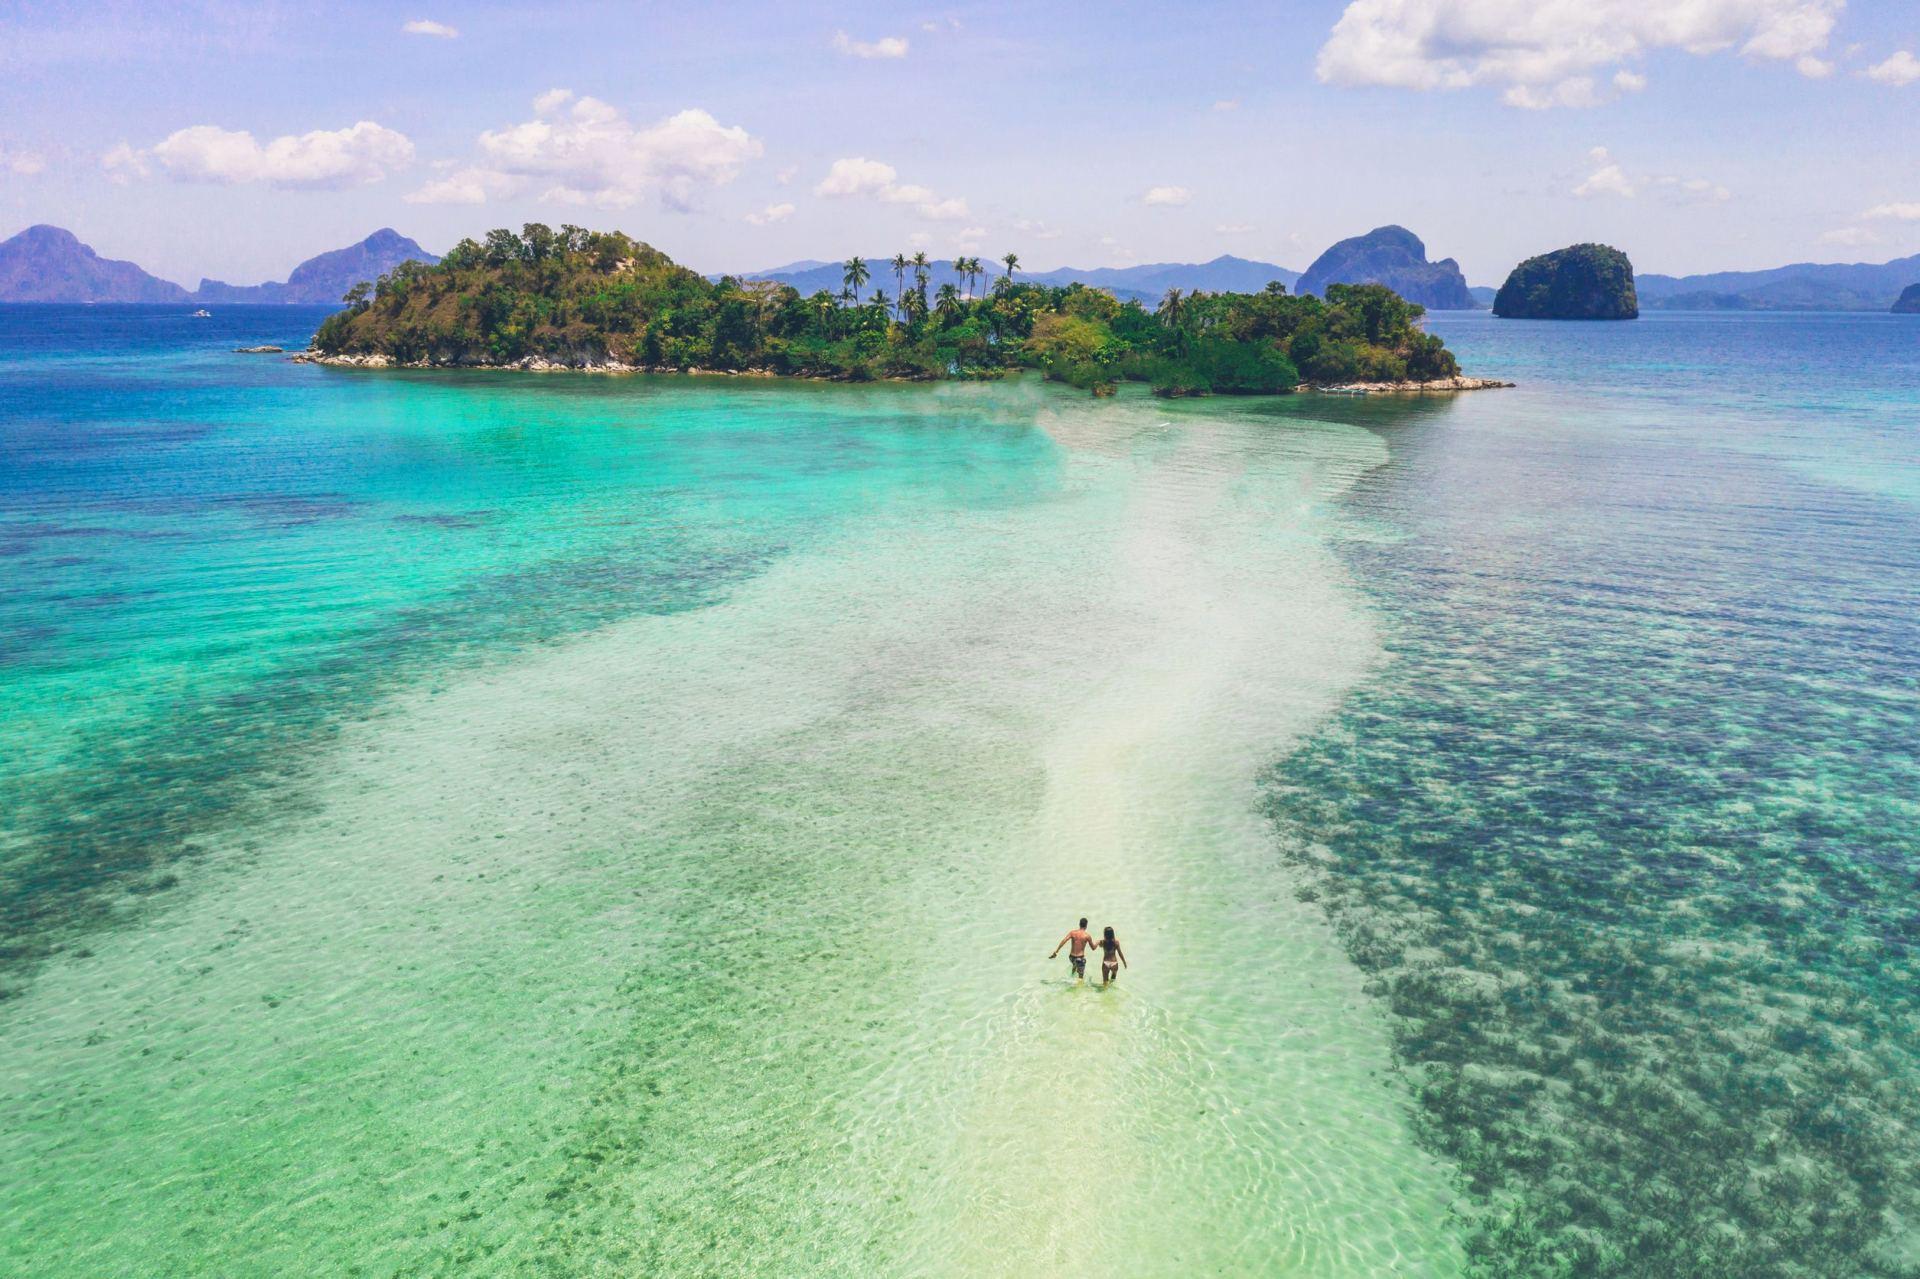 filipinų sveikatos galimybė ir prekyba)